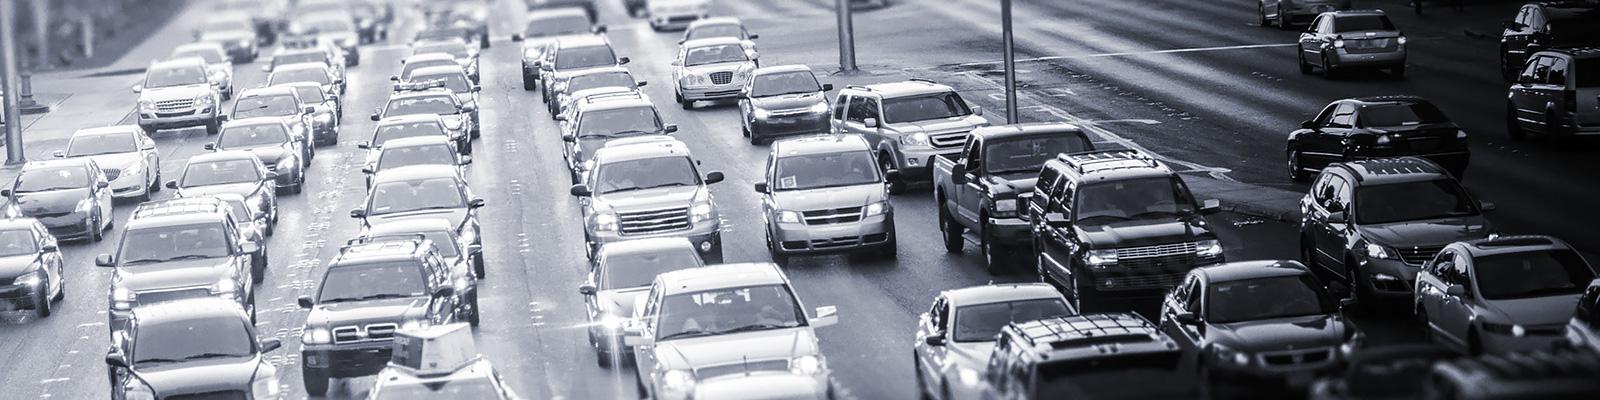 道路 交通 自動車 イメージ